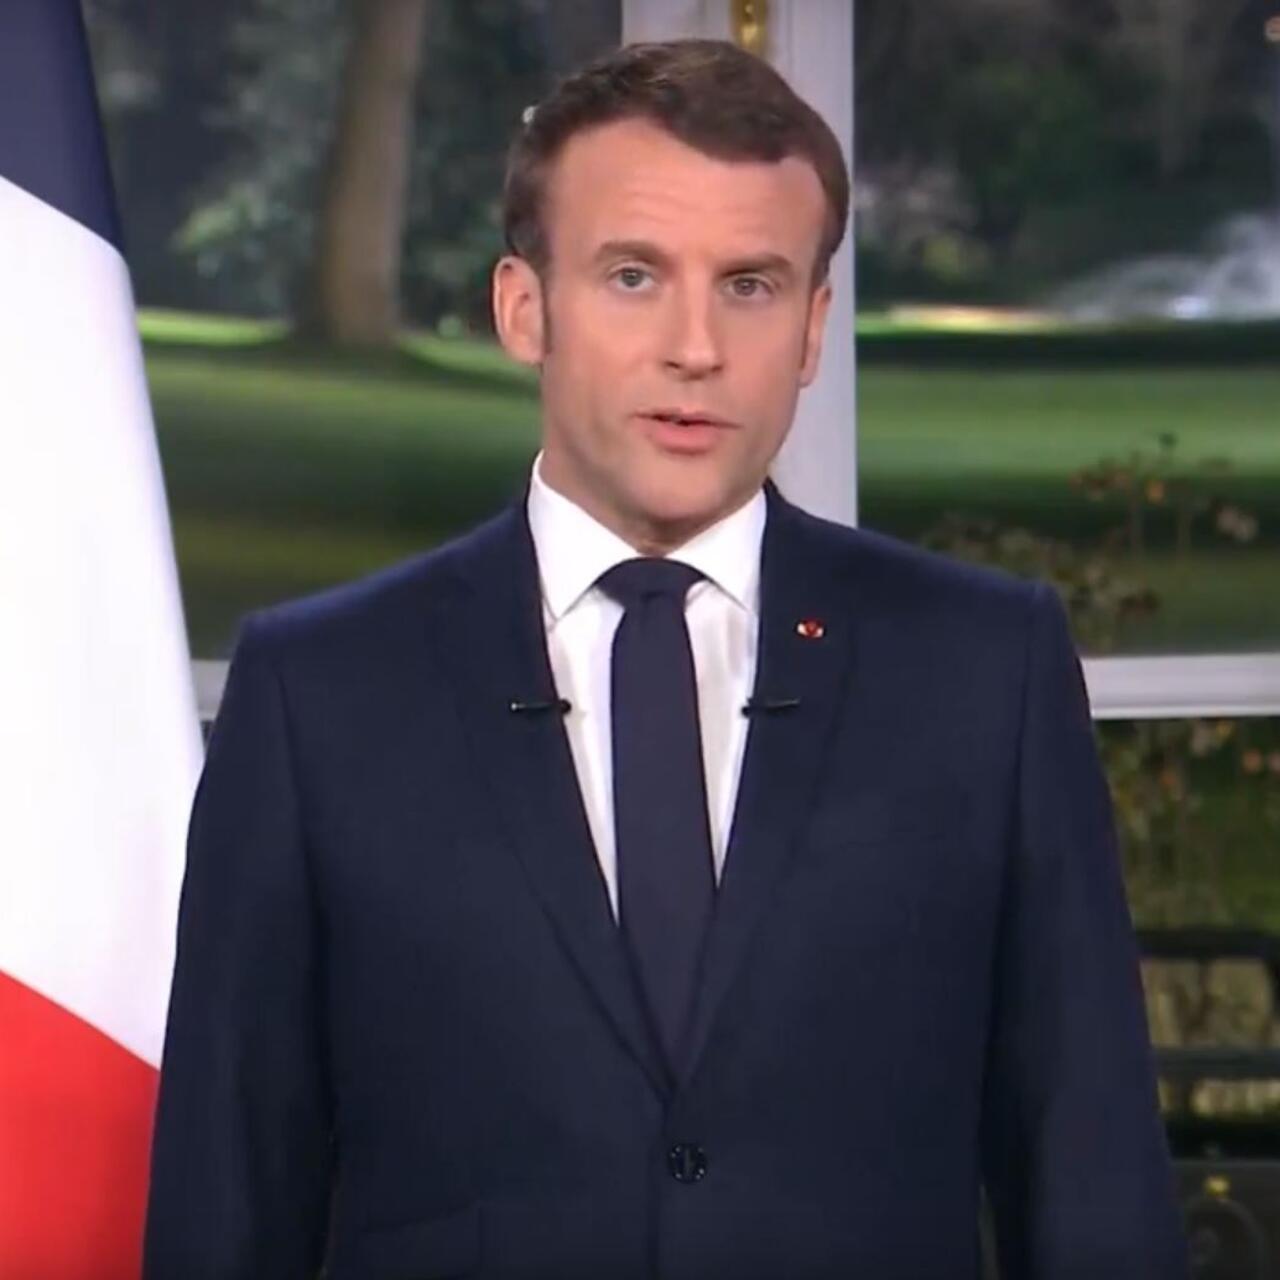 Franca Emmanuel Macron Reitera Decisao De Aplicar Reforma De Sistema De Pensoes Em Mensagem De Ano Novo